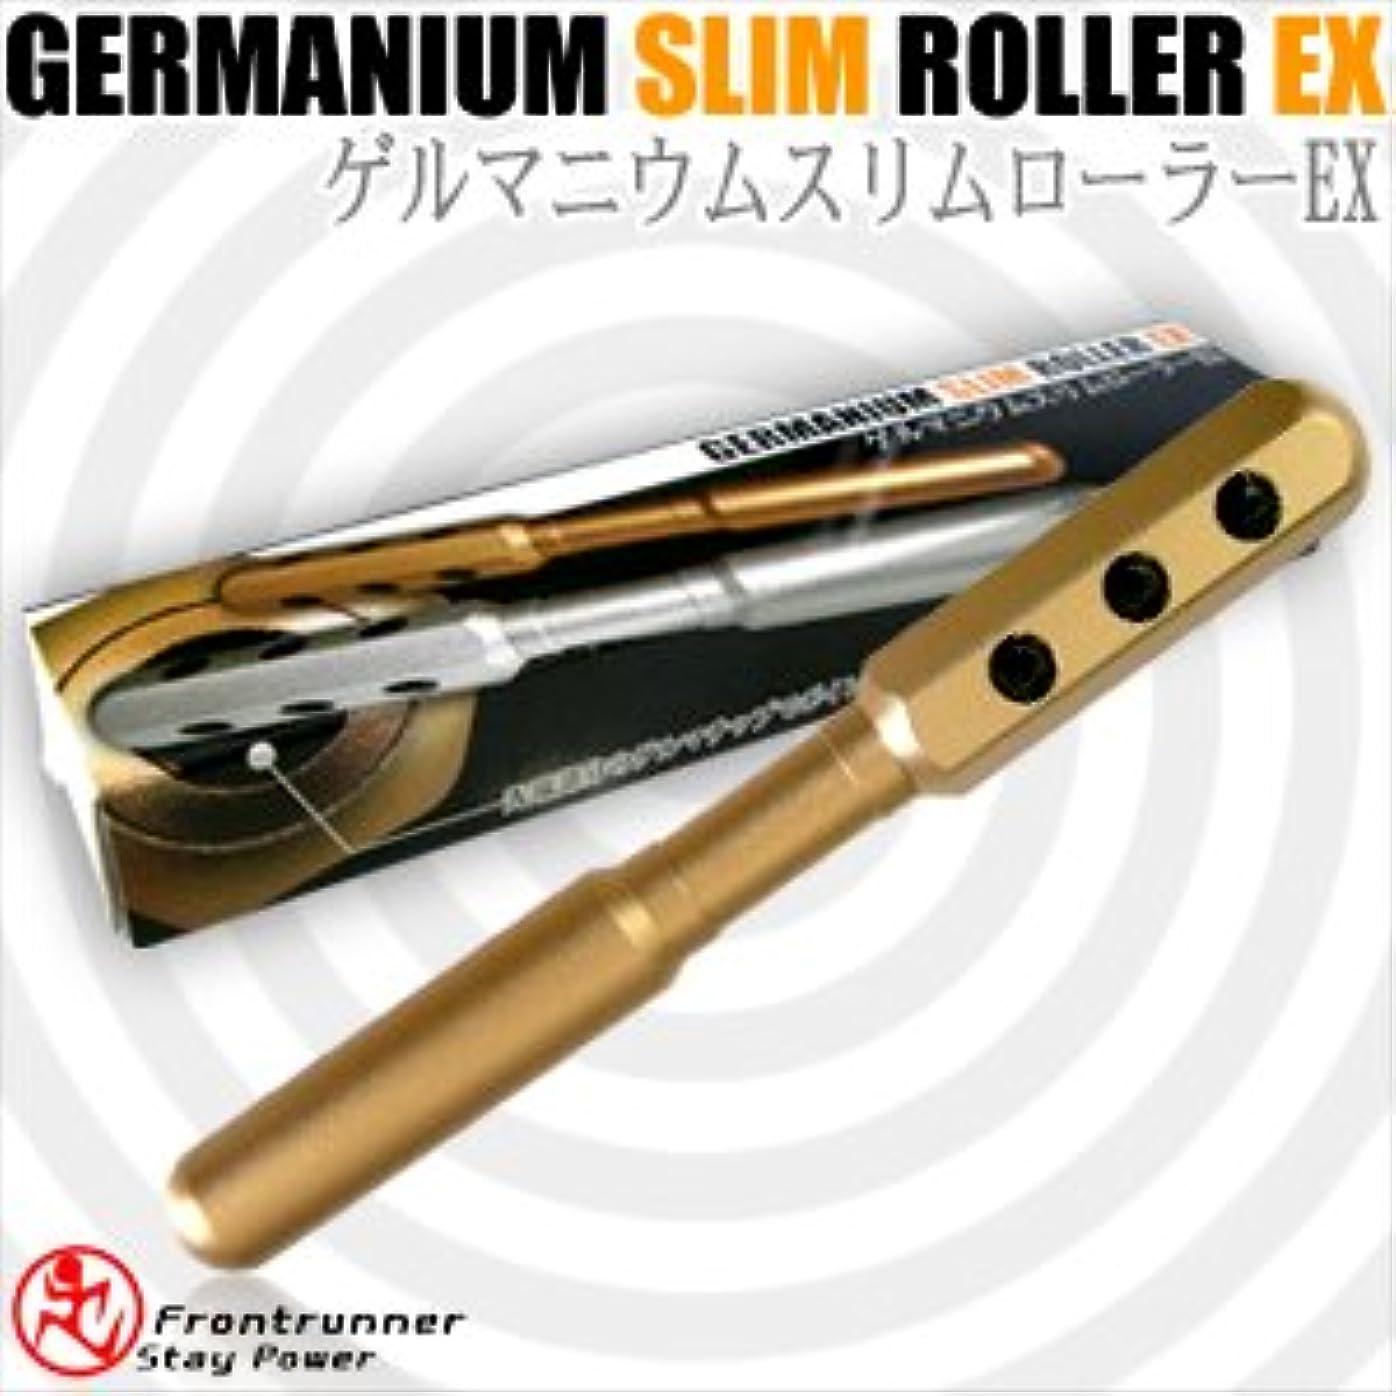 ブル削減巨大ゲルマニウムスリムローラーEX(ゴールド)